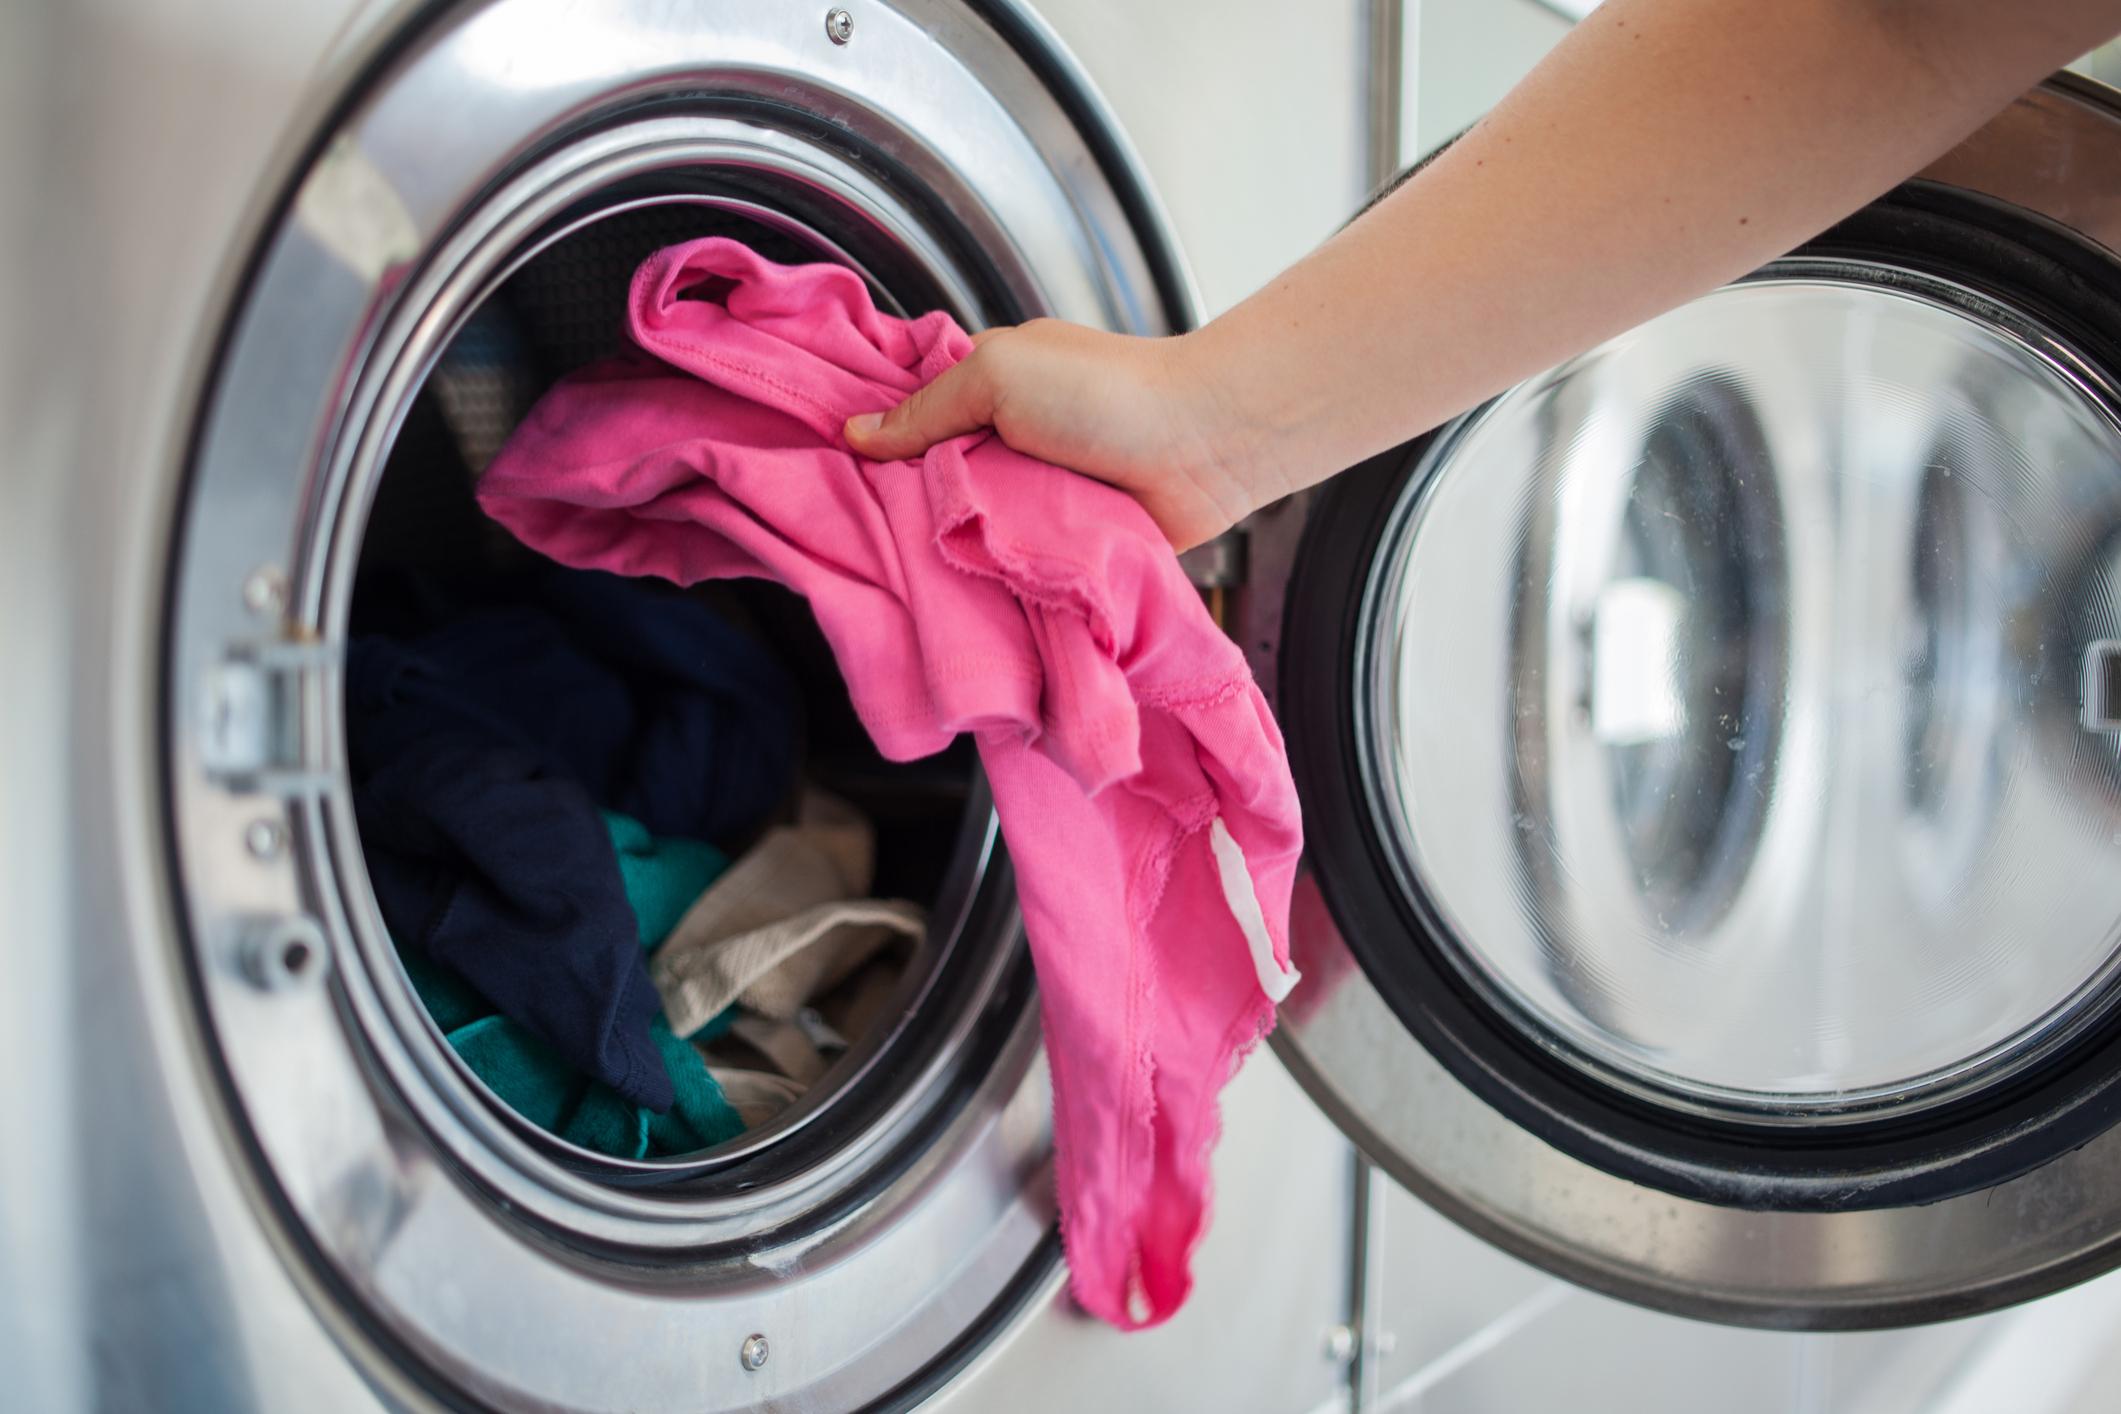 Comment nettoyer son lave linge au vinaigre blanc